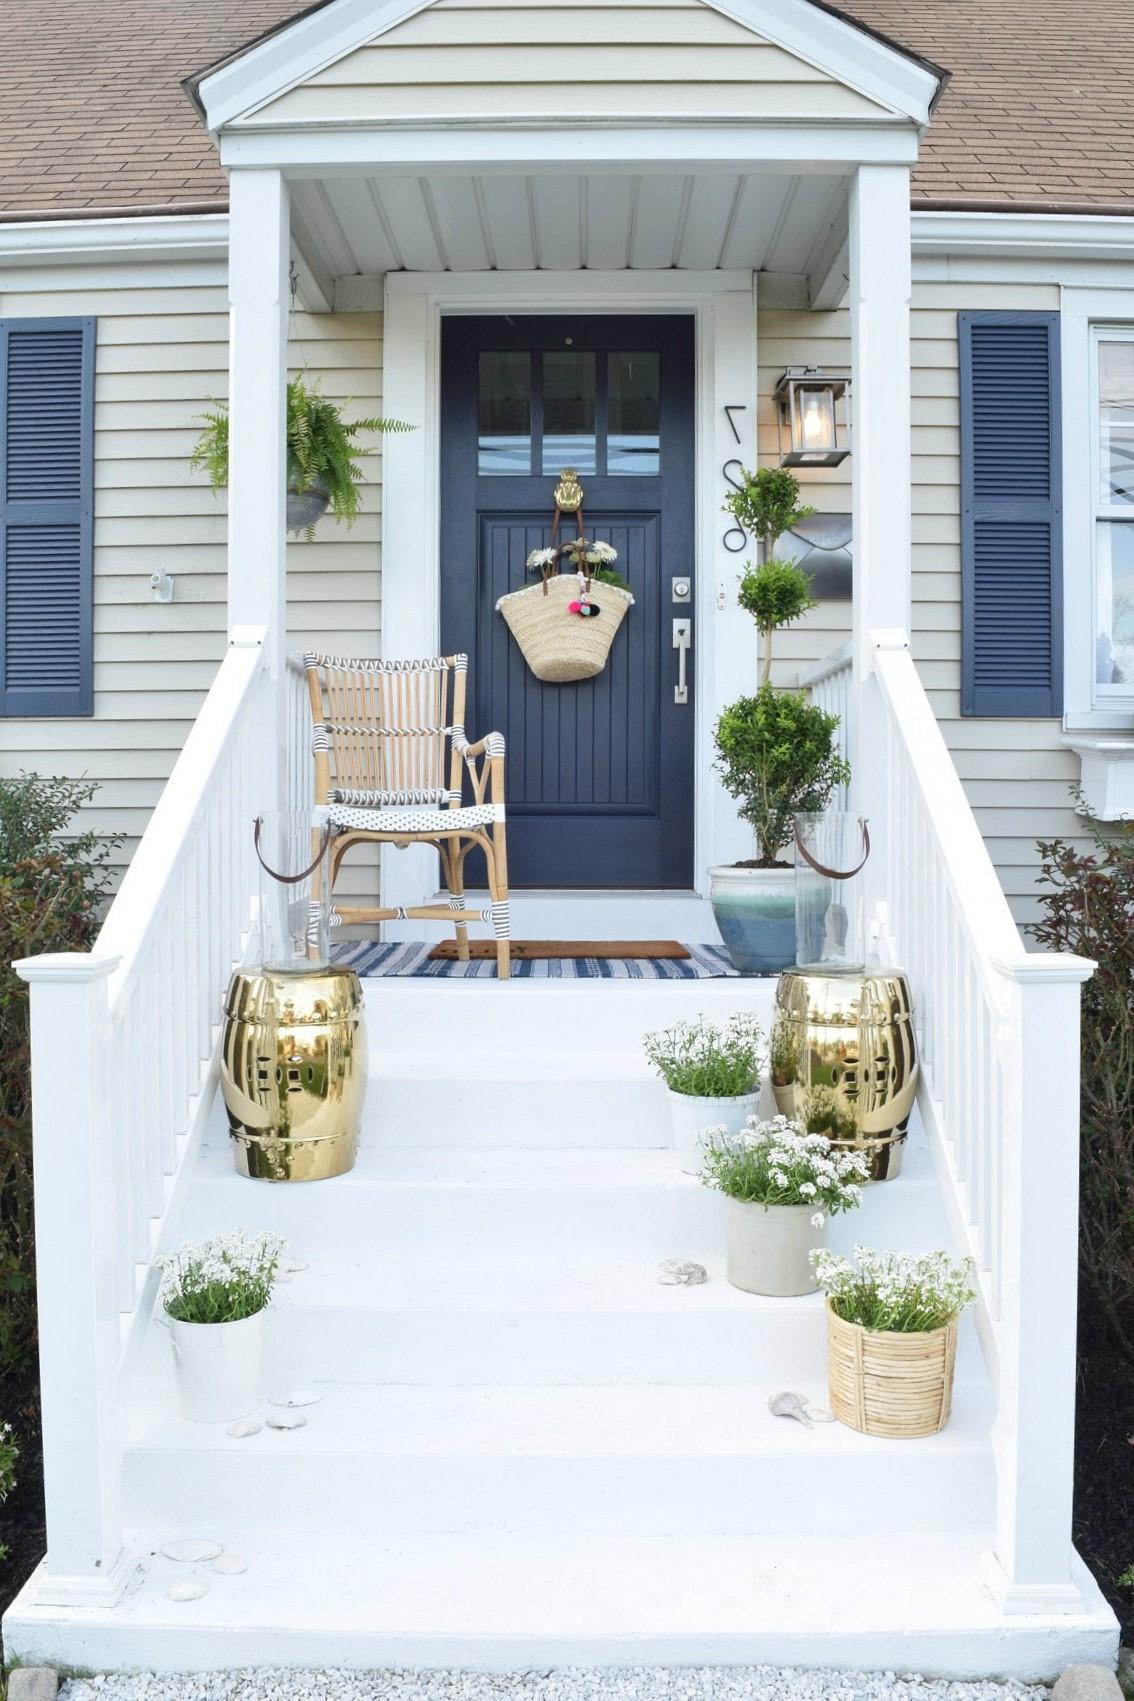 Améganement de porte d'entée: c'est très important pour l'ambiance extérieure de votre maison.